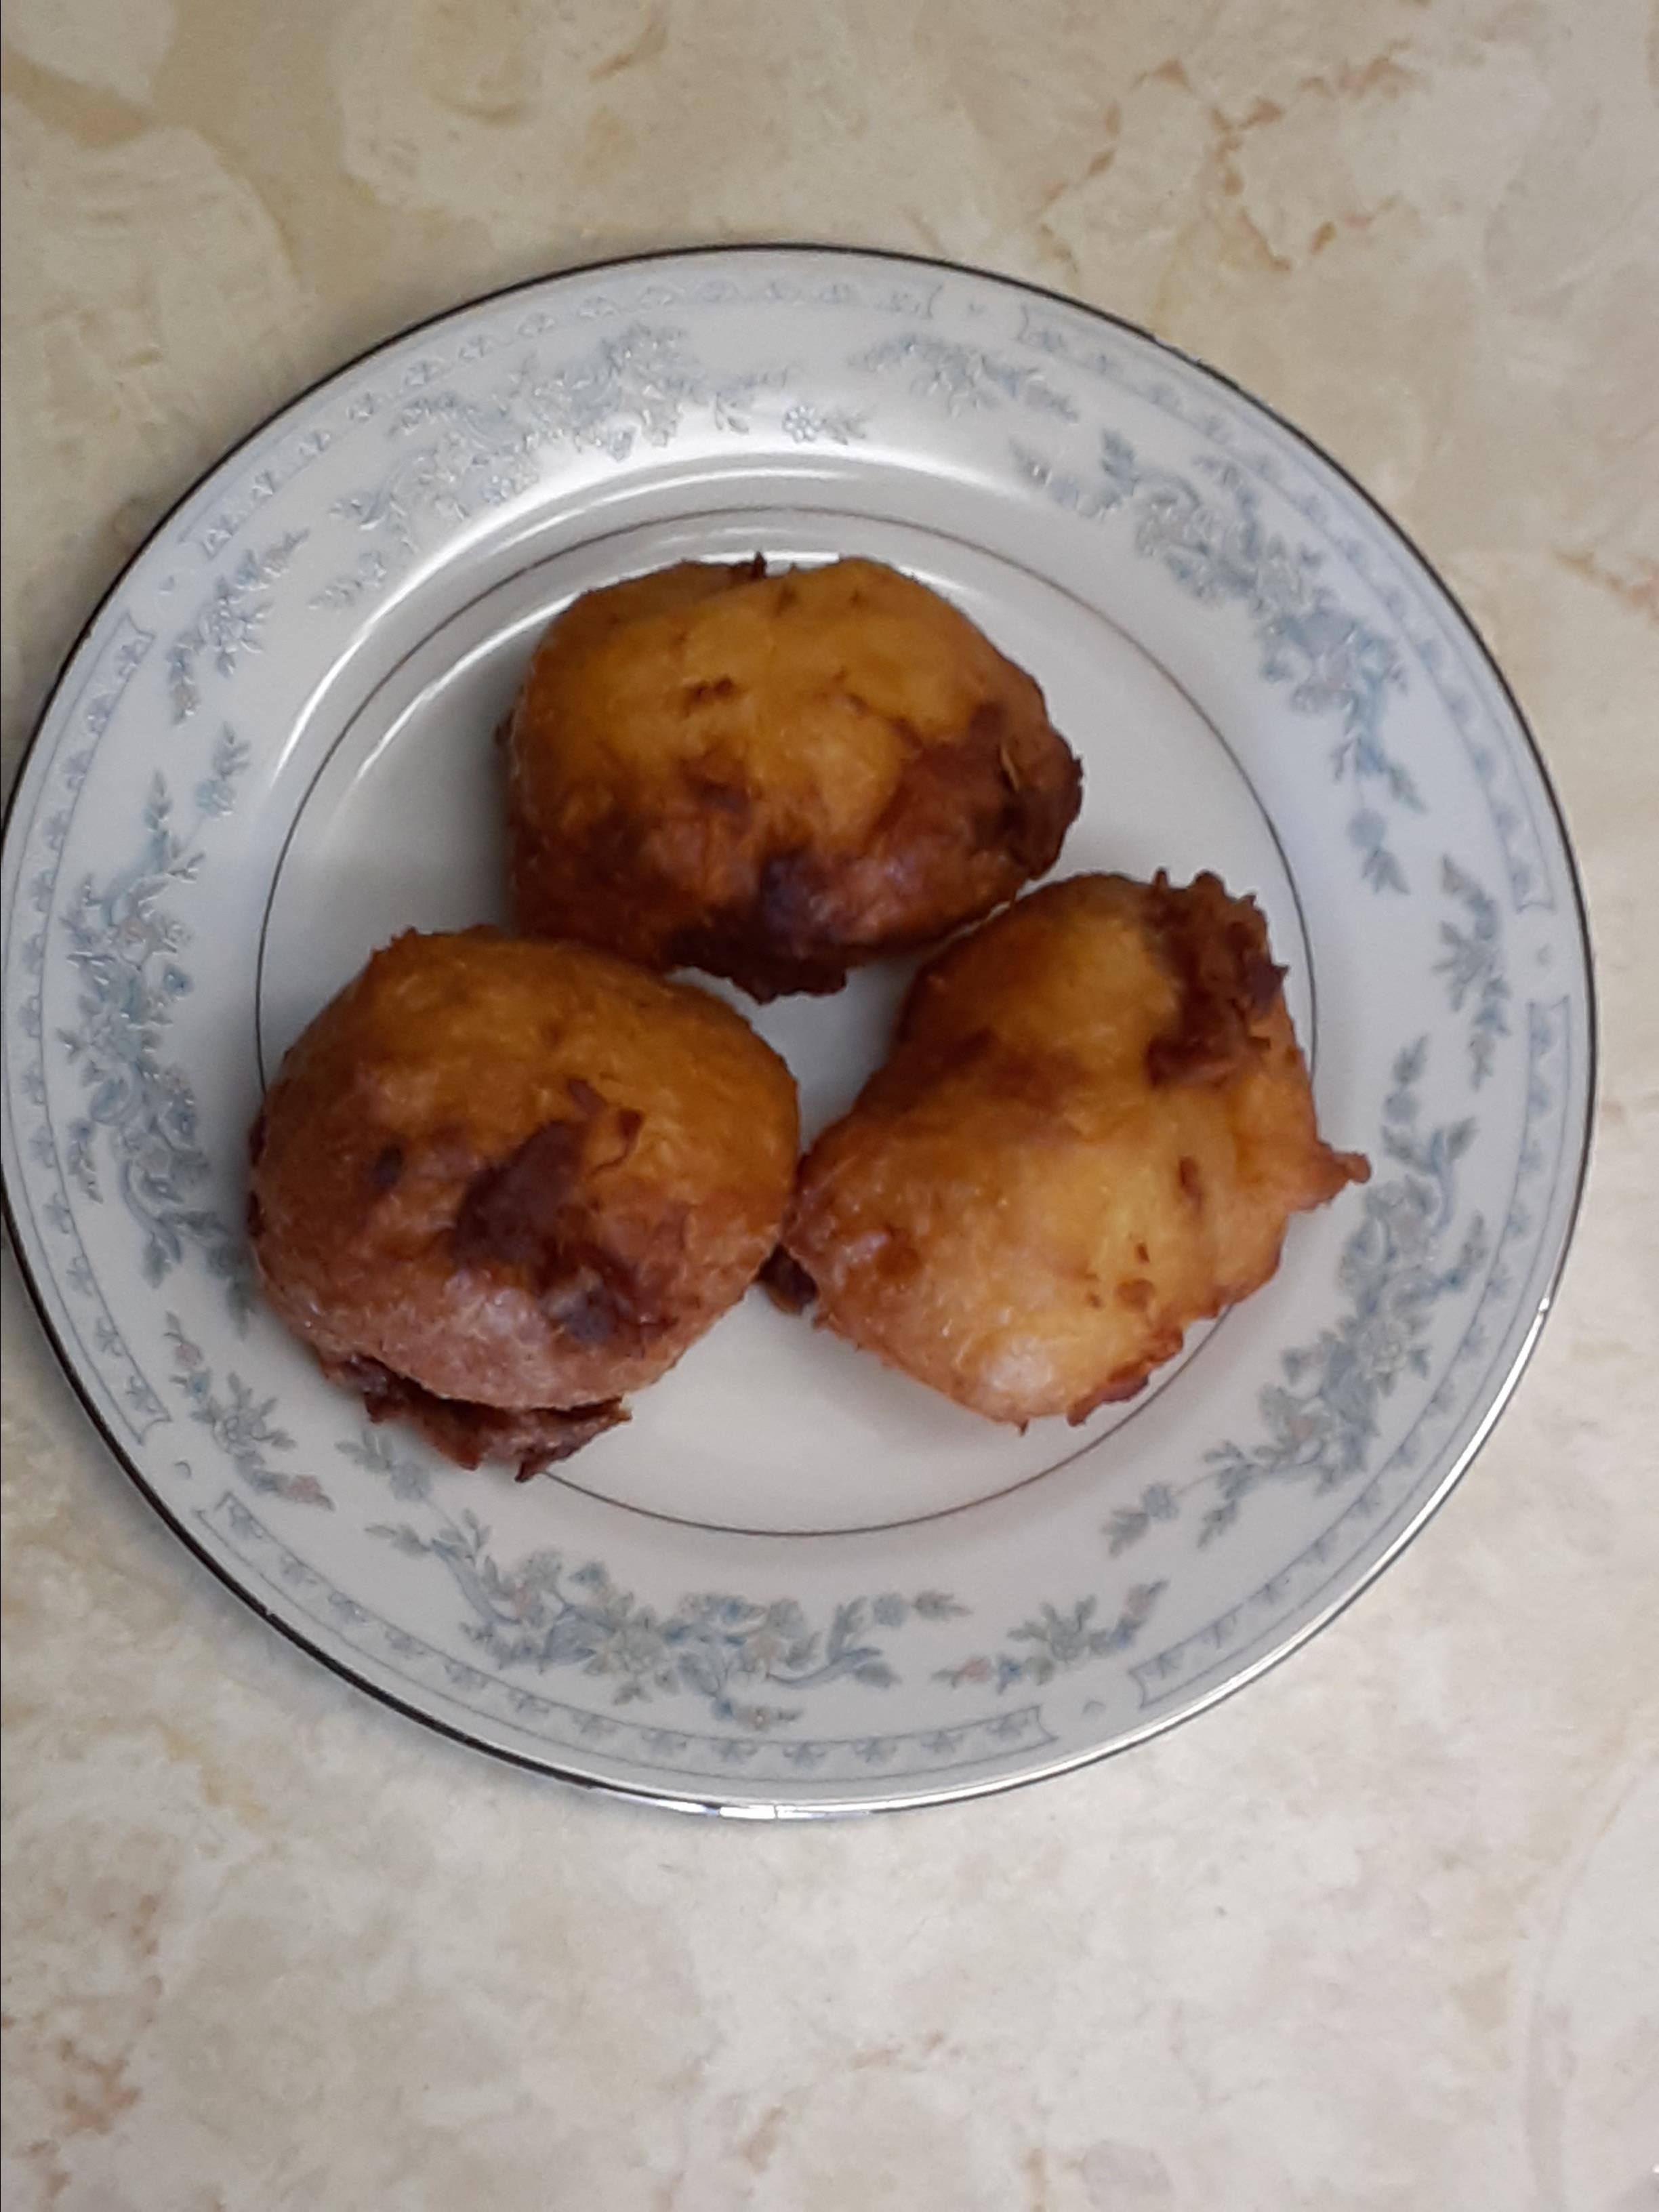 Bacon and Egg Doughnuts veronica b